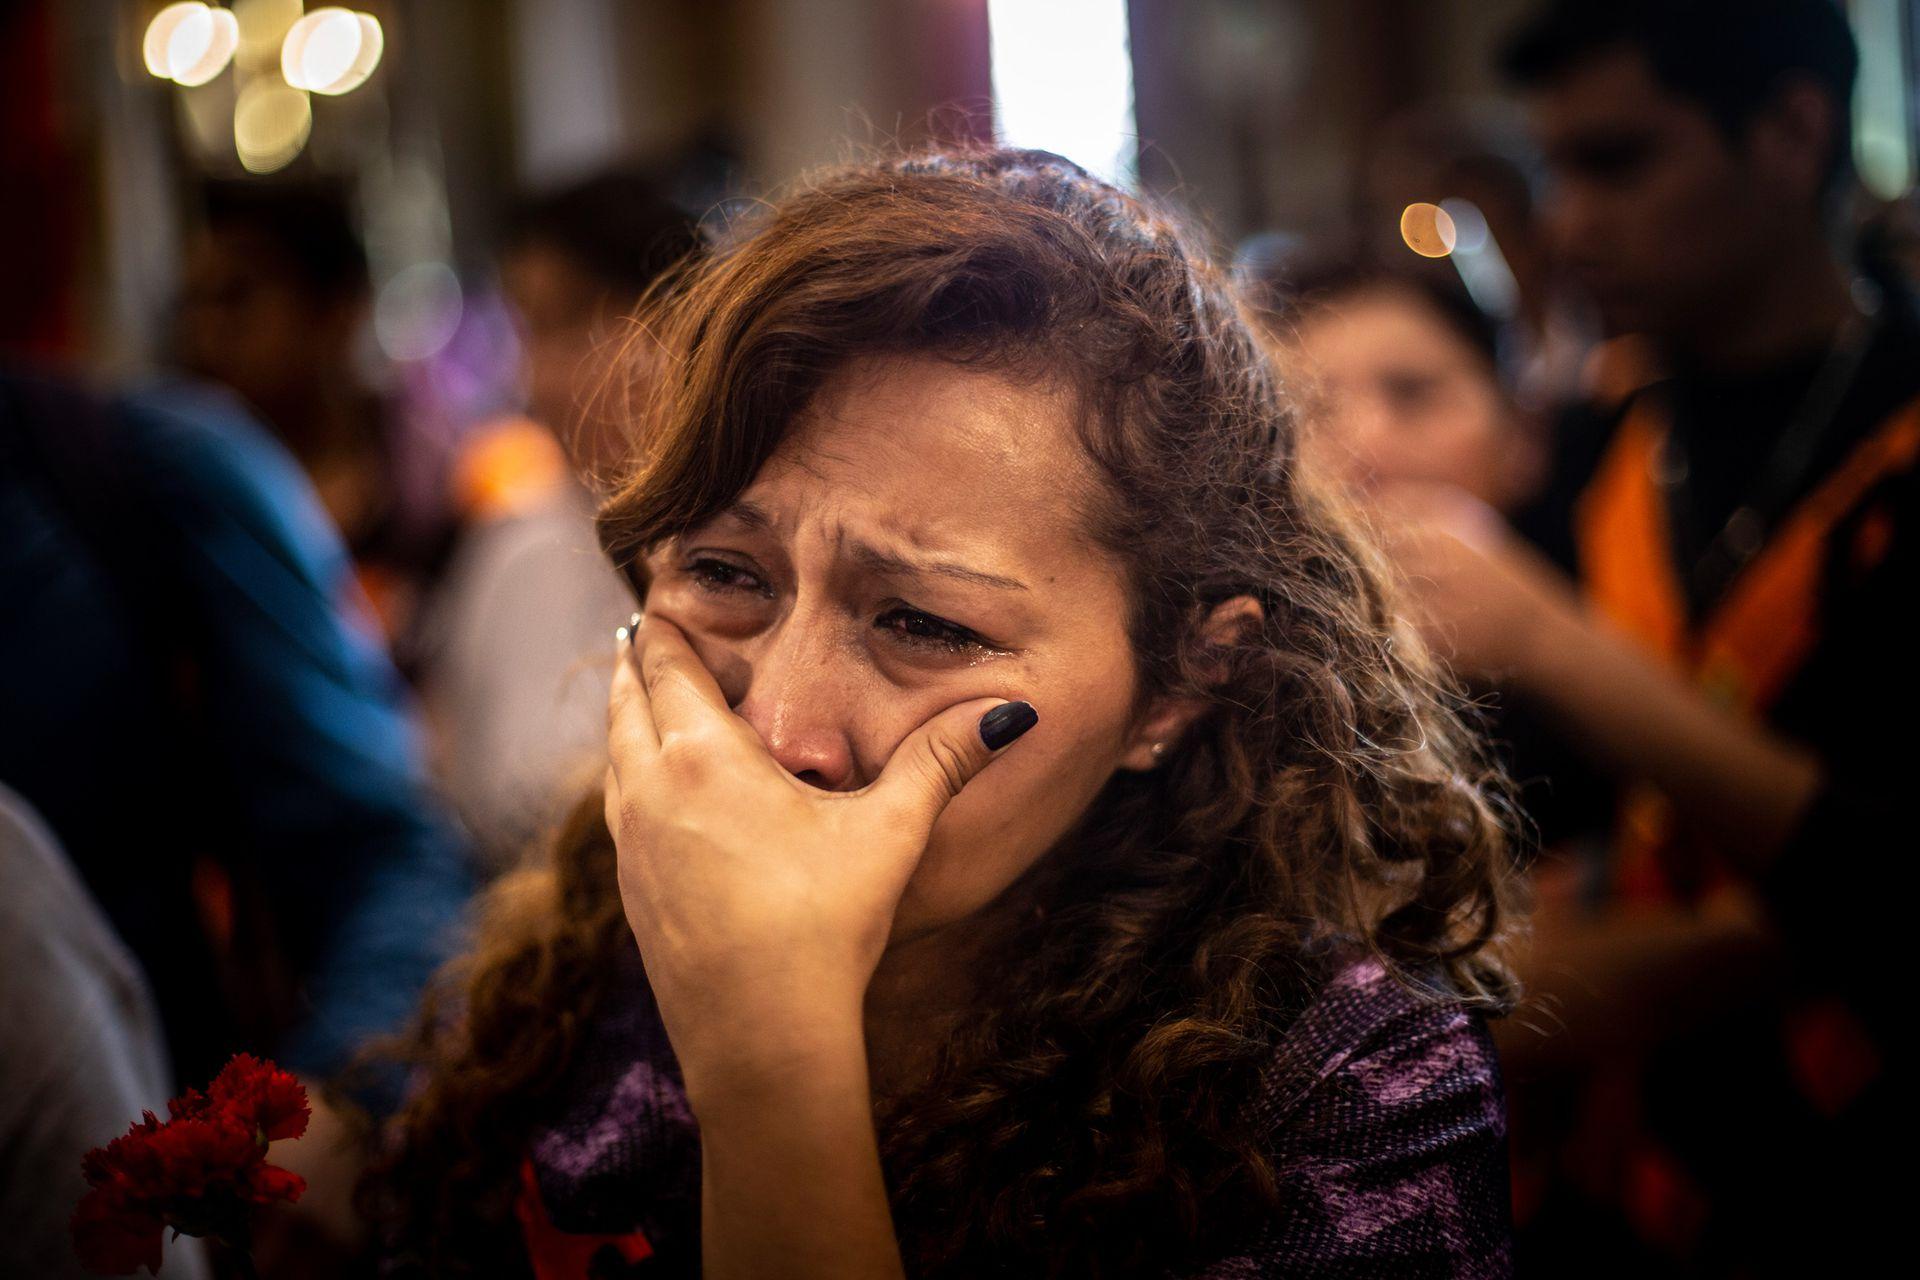 Una mujer emocionada durante la misa